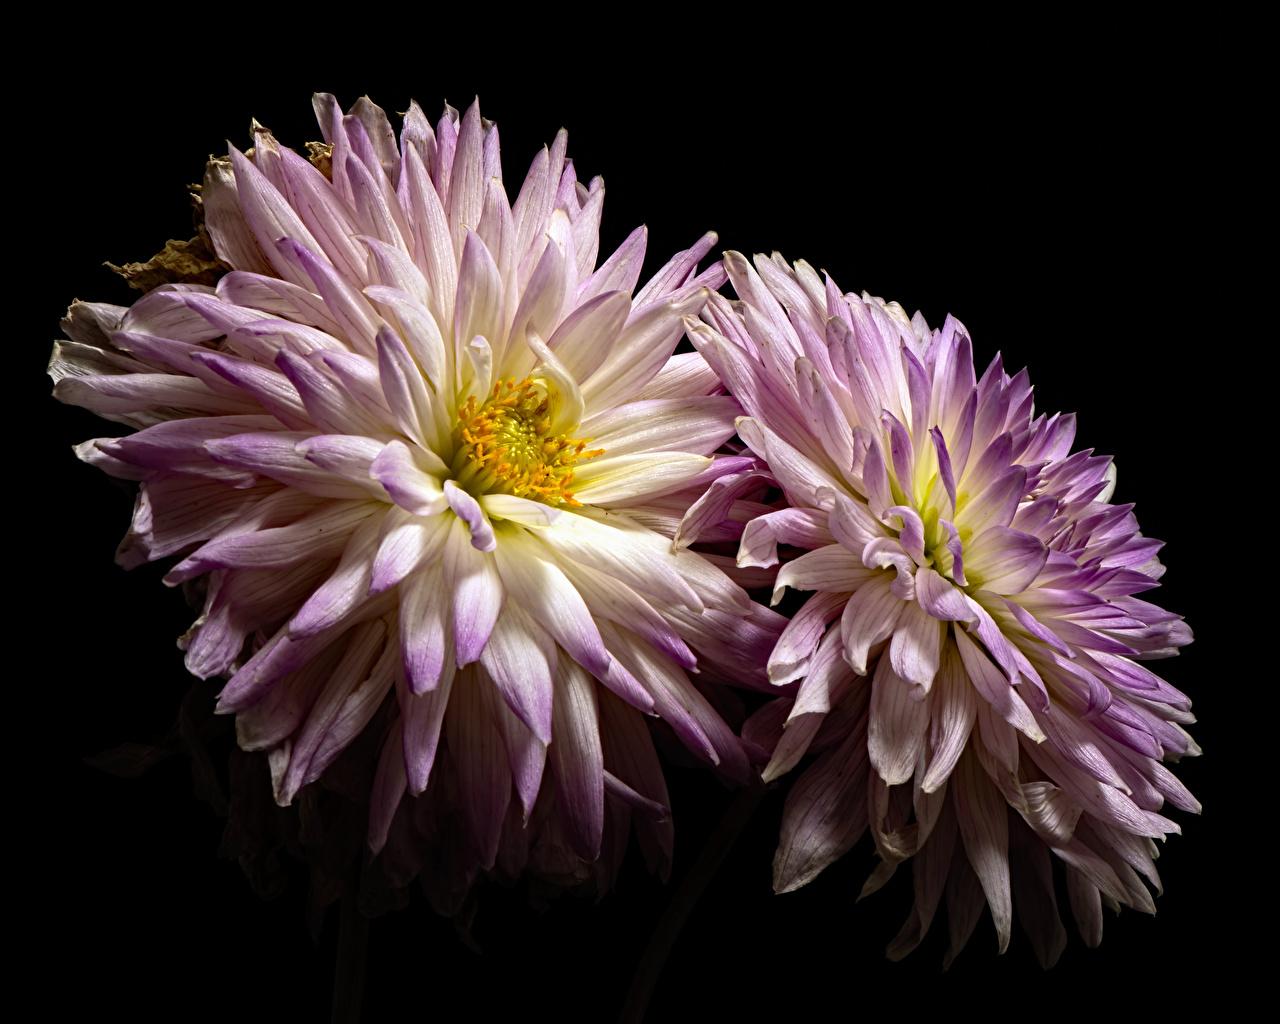 Foto 2 Blumen Chrysanthemen Großansicht Schwarzer Hintergrund Zwei Blüte hautnah Nahaufnahme